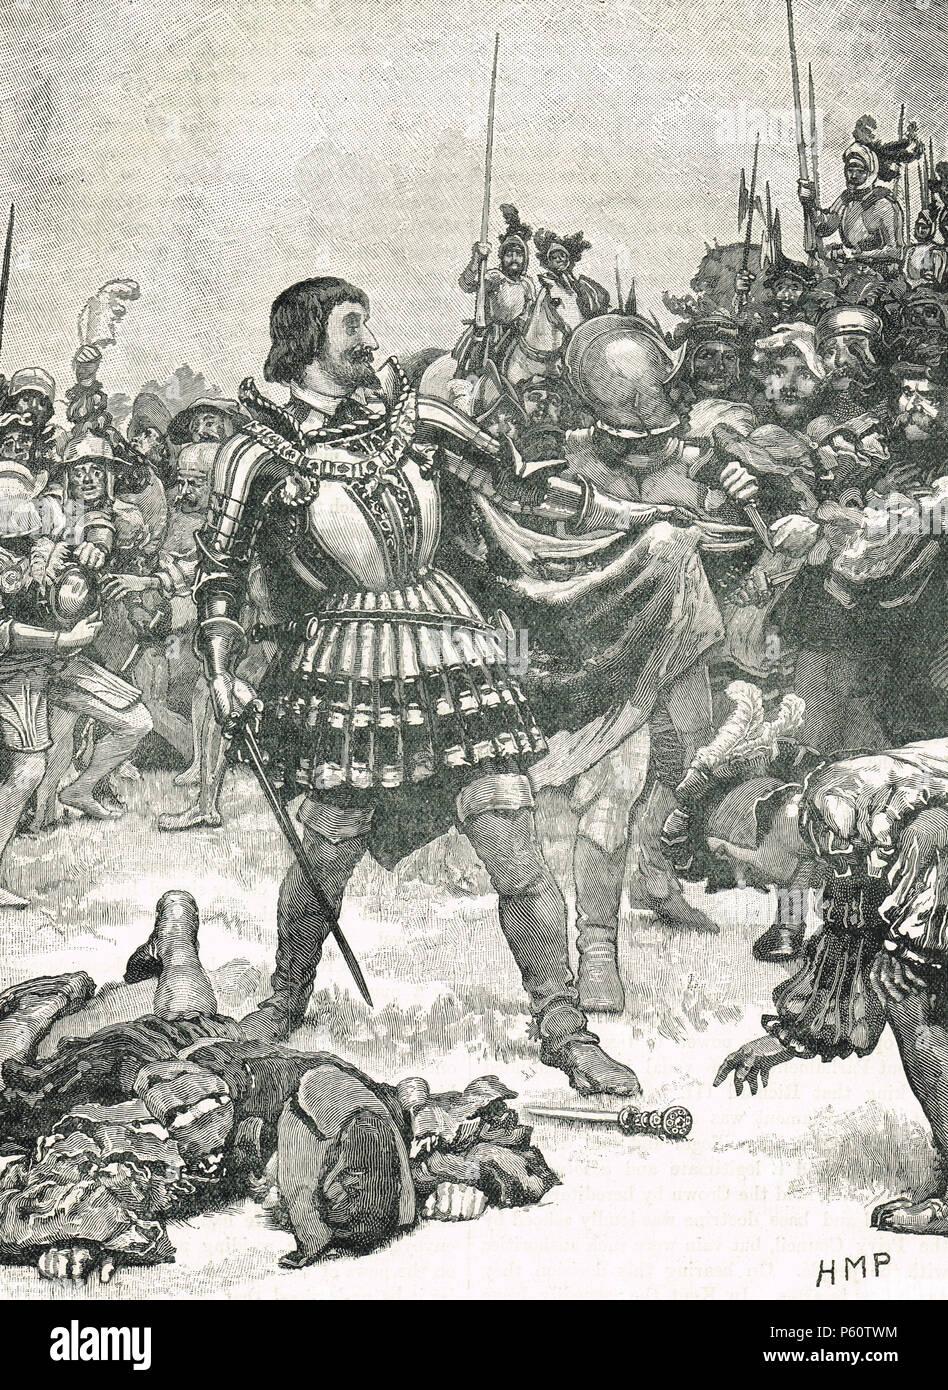 La rinuncia del re Francesco I di Francia, Battaglia di Pavia, 24 Febbraio 1525 Immagini Stock